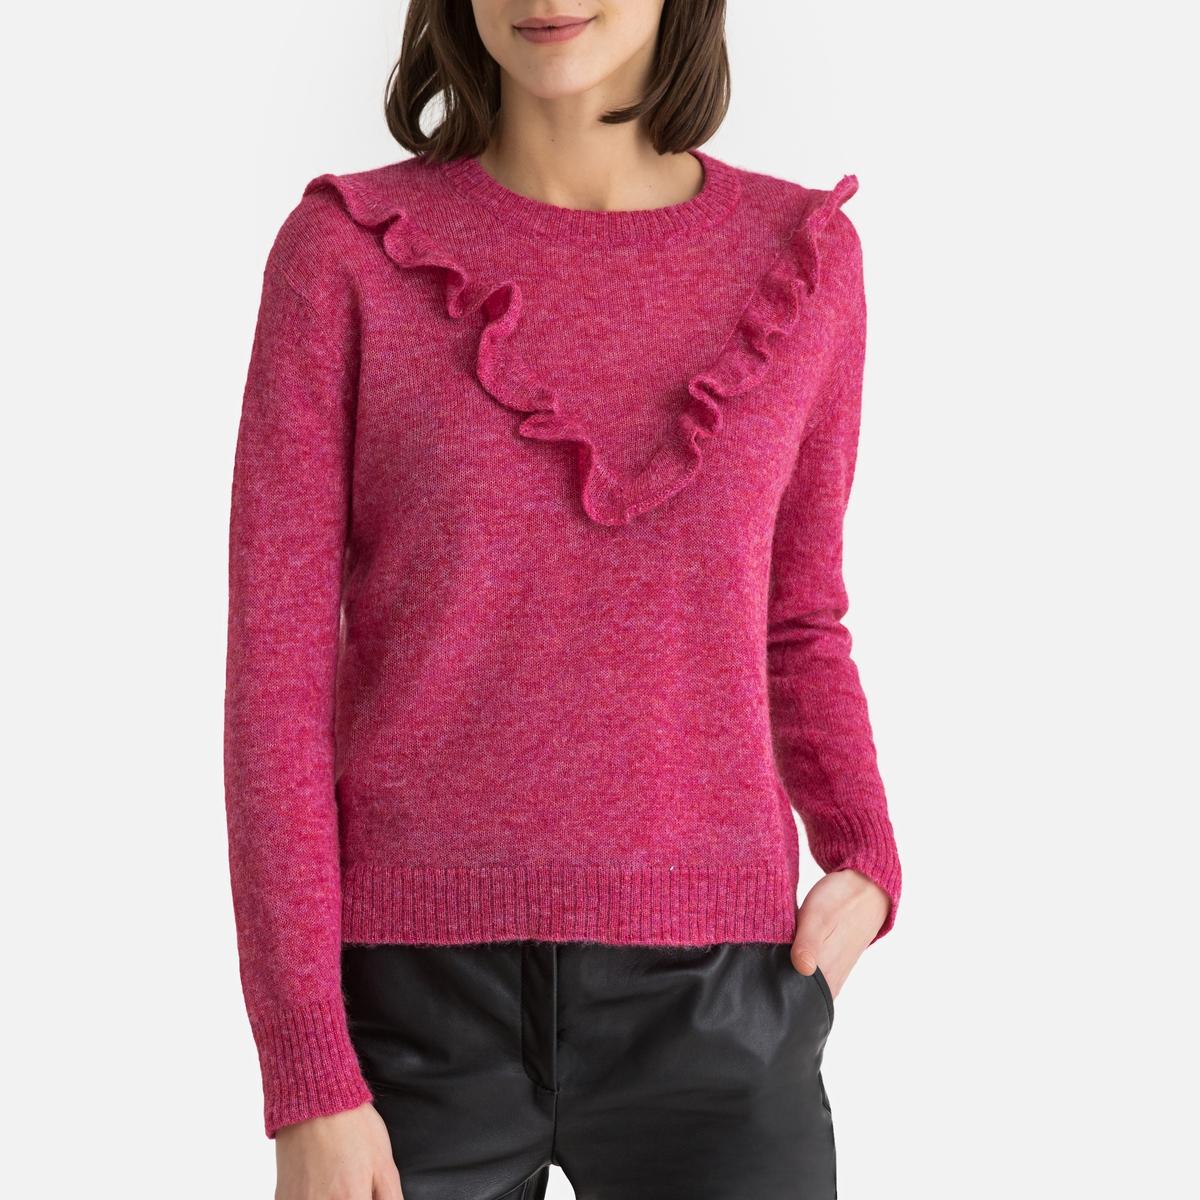 цена на Пуловер La Redoute С круглым вырезом из тонкого трикотажа BASIC M розовый